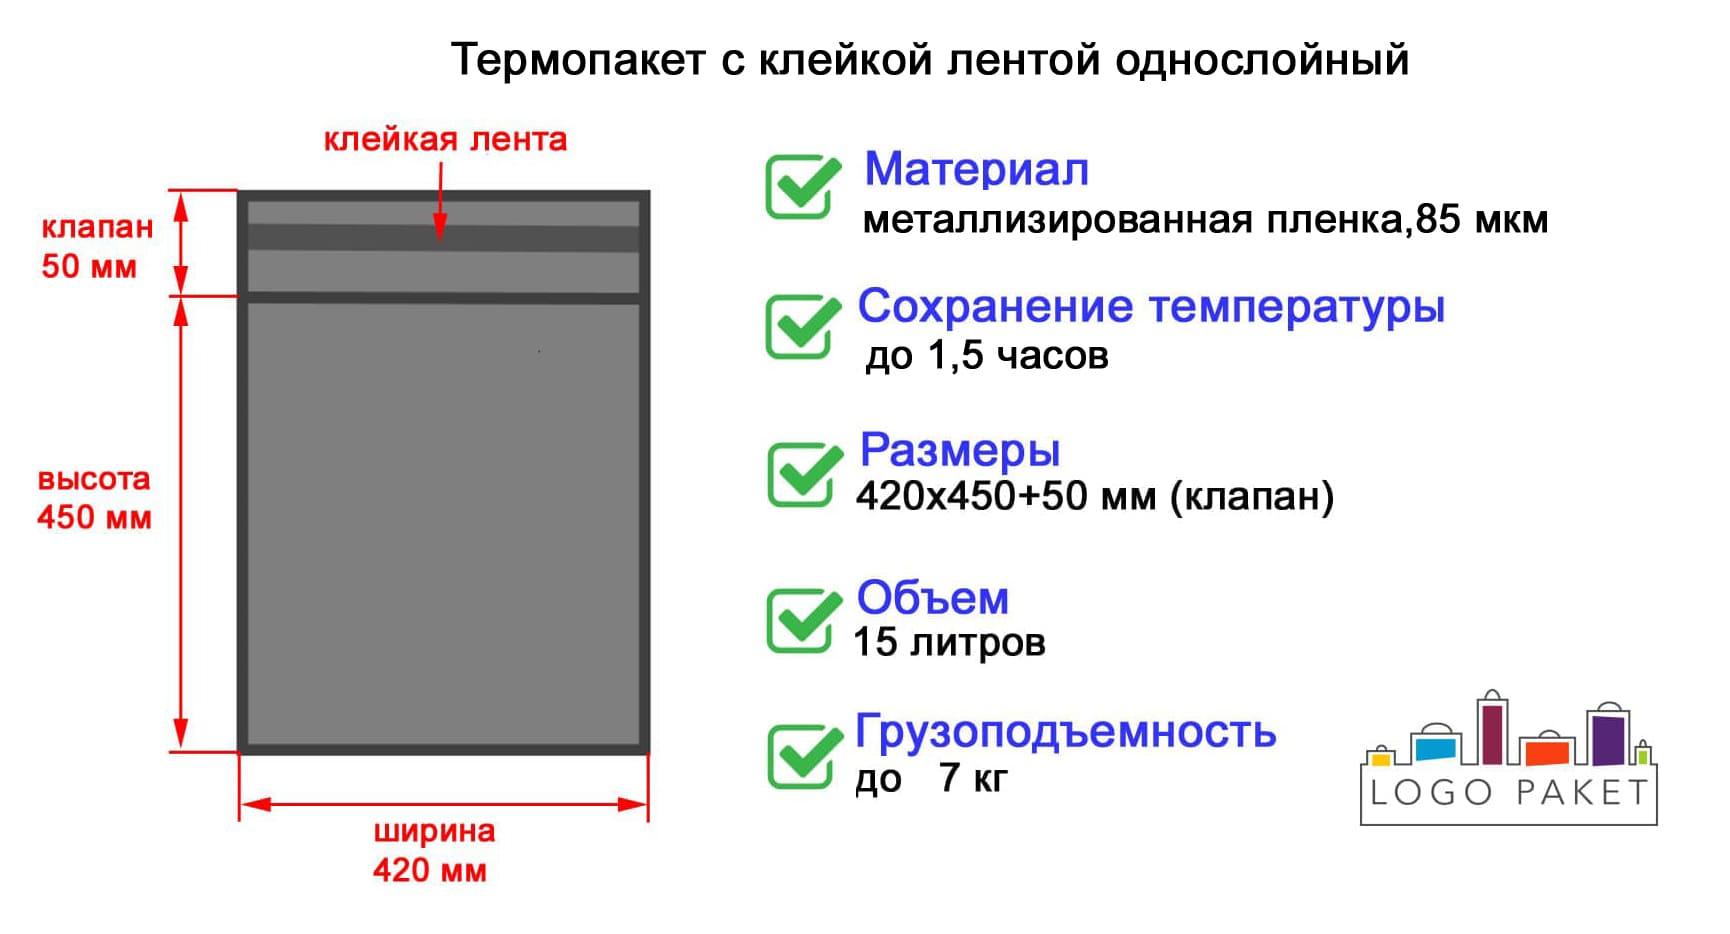 Термопакет с клейкой лентой однослойный инфографика